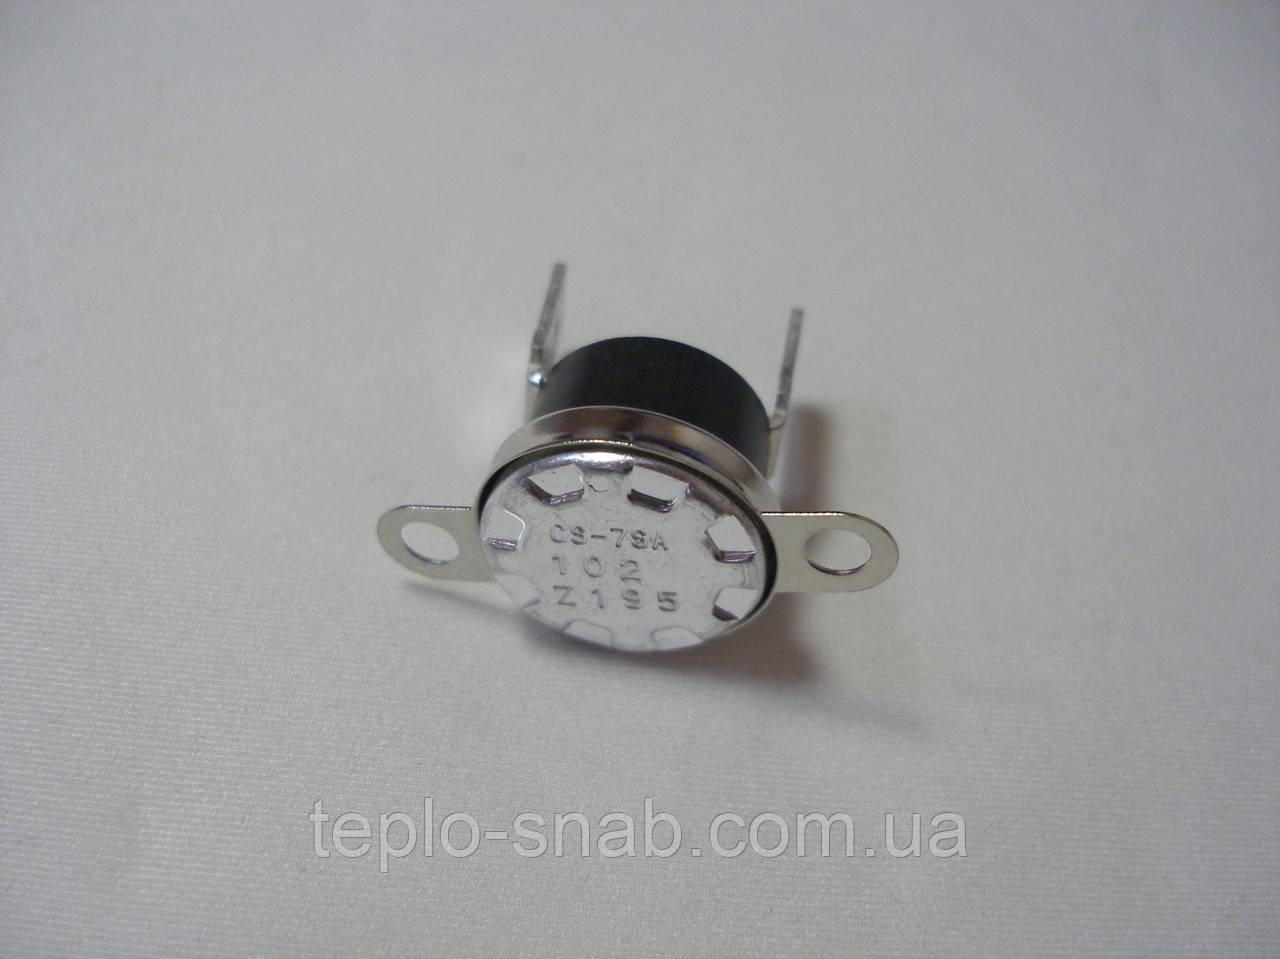 Термостат безопасности 102°С Beretta Ciao, Minute, Exclusive - R2258